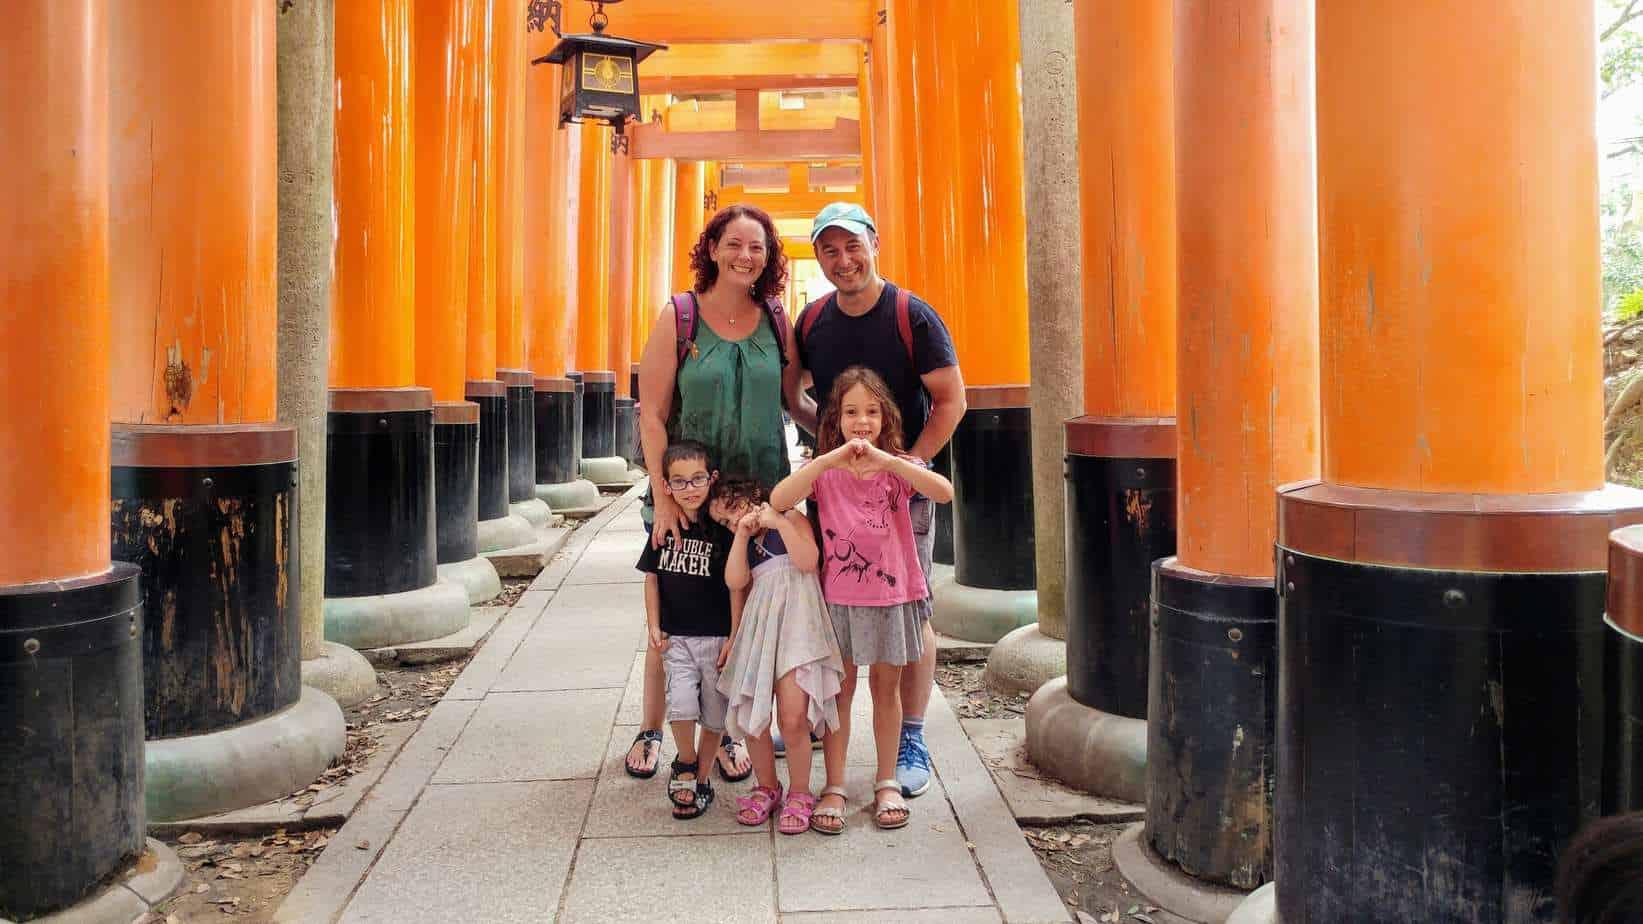 קיוטו עם ילדים - מקדש Fushimi Inari